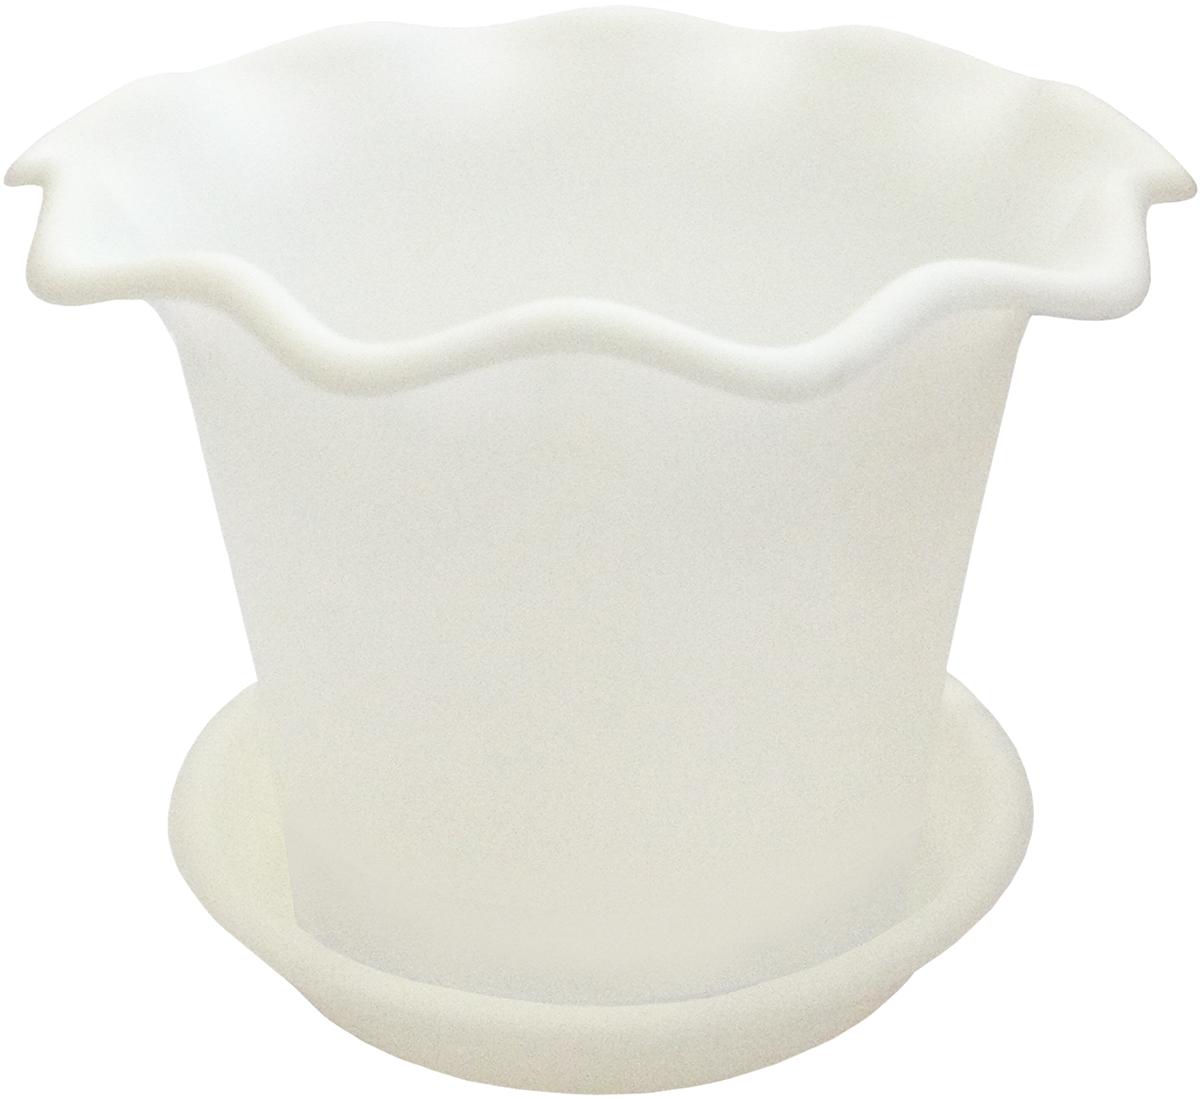 Горшок для цветов InGreen Бали, с поддоном, цвет: белый, диаметр 20 смING45020БЛГоршок InGreen Бали выполнен из высококачественного полипропилена (пластика) и предназначен для выращивания цветов, растений и трав. Снабжен поддоном для стока воды. Такой горшок порадует вас функциональностью, а благодаря лаконичному дизайну впишется в любой интерьер помещения. Диаметр горшка (по верхнему краю): 20 см. Высота горшка: 15 см. Диаметр поддона: 16 см.